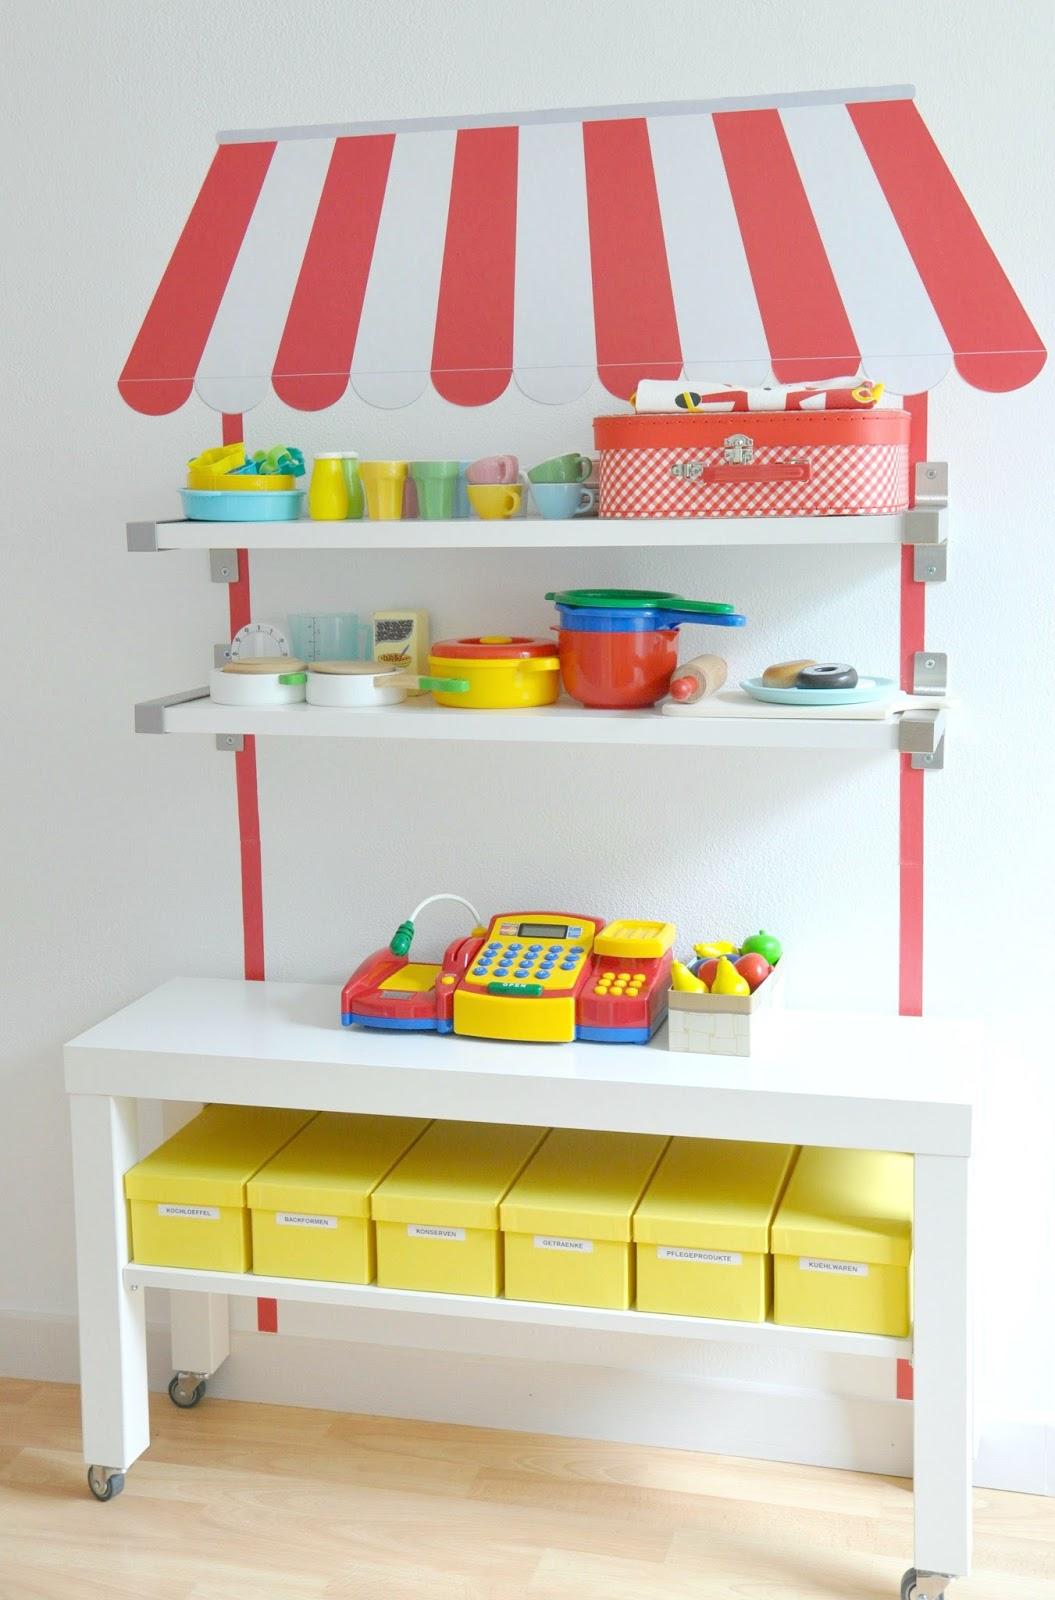 lemapi s dtiroler lifestyleblog im kinderzimmer im juli gibt es gro e ver nderungen. Black Bedroom Furniture Sets. Home Design Ideas